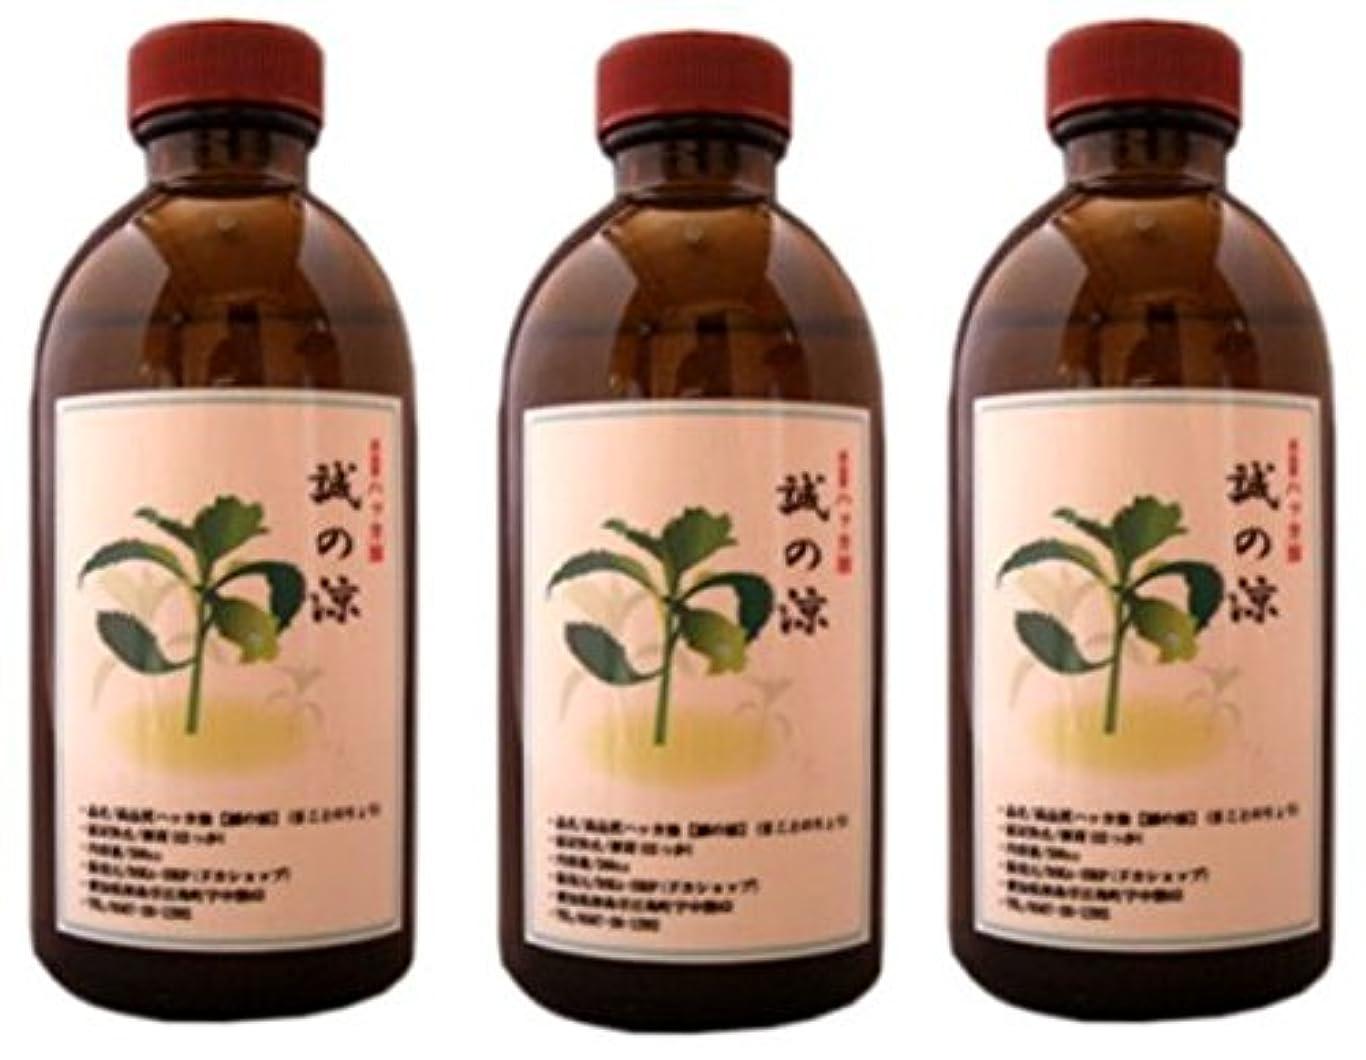 デッキ認証シャッフルDOKA-SHOP 高品質ハッカ精油100%【誠の涼(まことのりょう)】日本国内加工精製 たっぷり使えてバツグンの爽快感 200cc×3本セット